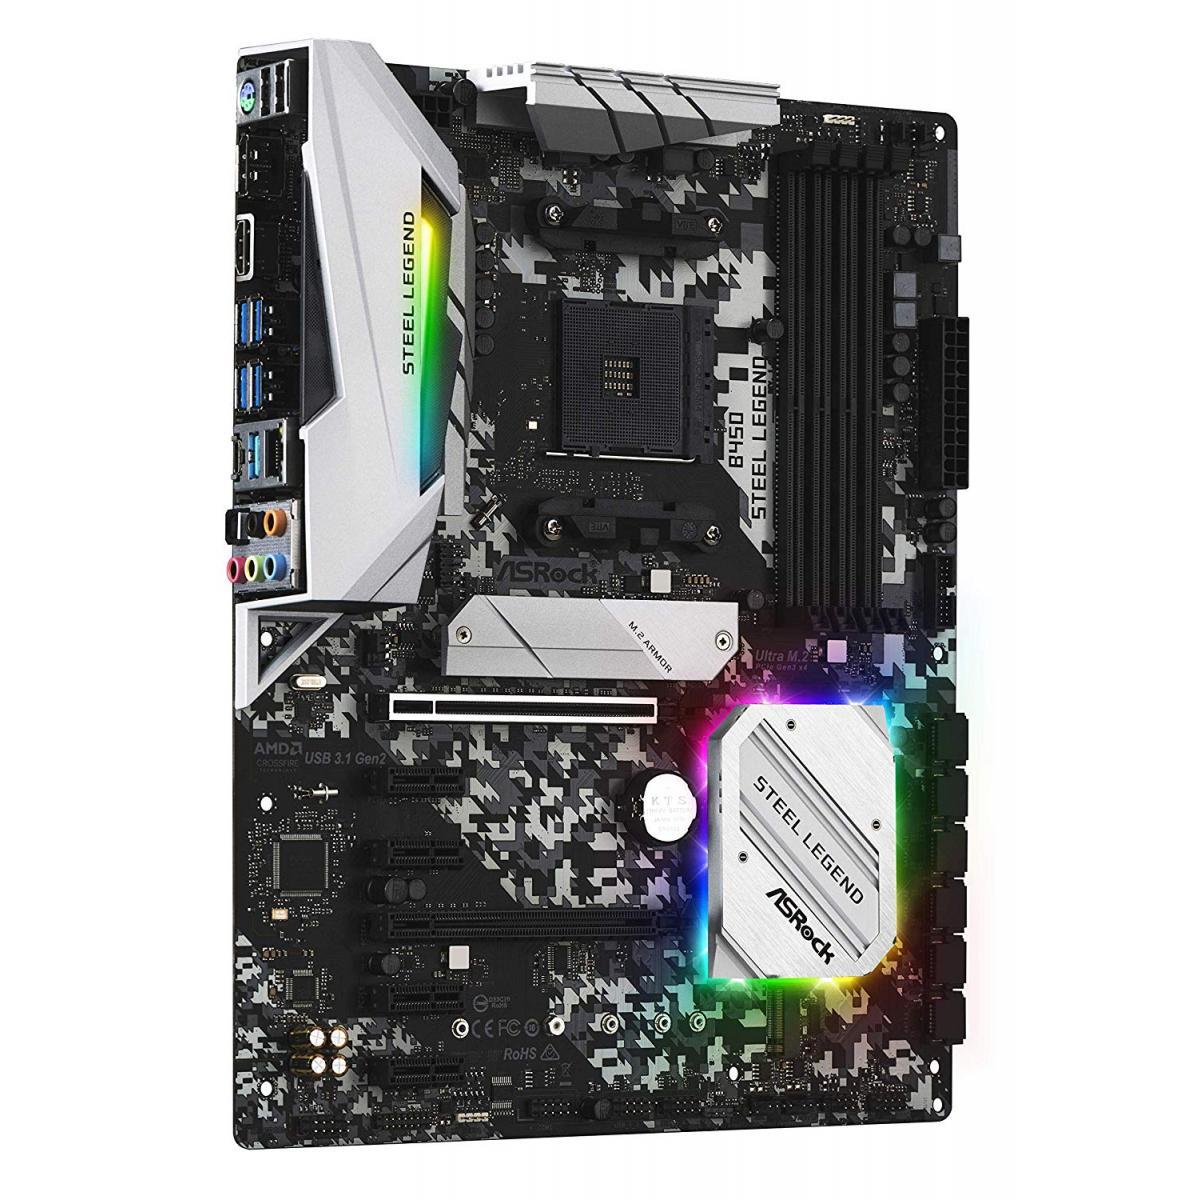 ASRock AMD B450 Steel Legend Ryzen AM4 ATX Motherboard